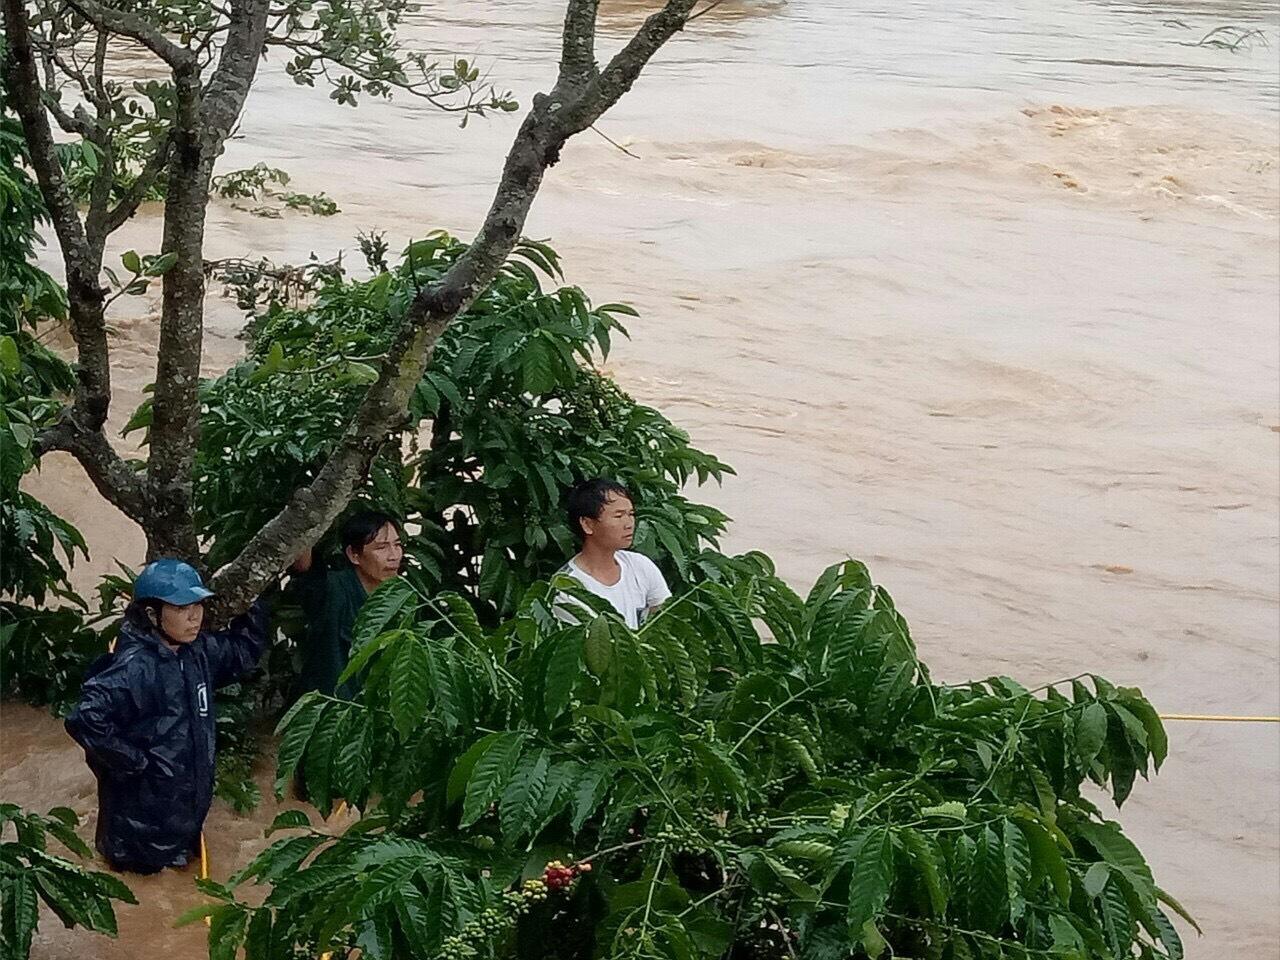 Nước lũ dâng cao đã nhấn chìm nhiều diện tích cây trồng, hoa màu của người dân huyện Bù Đăng, tỉnh Bình Phước